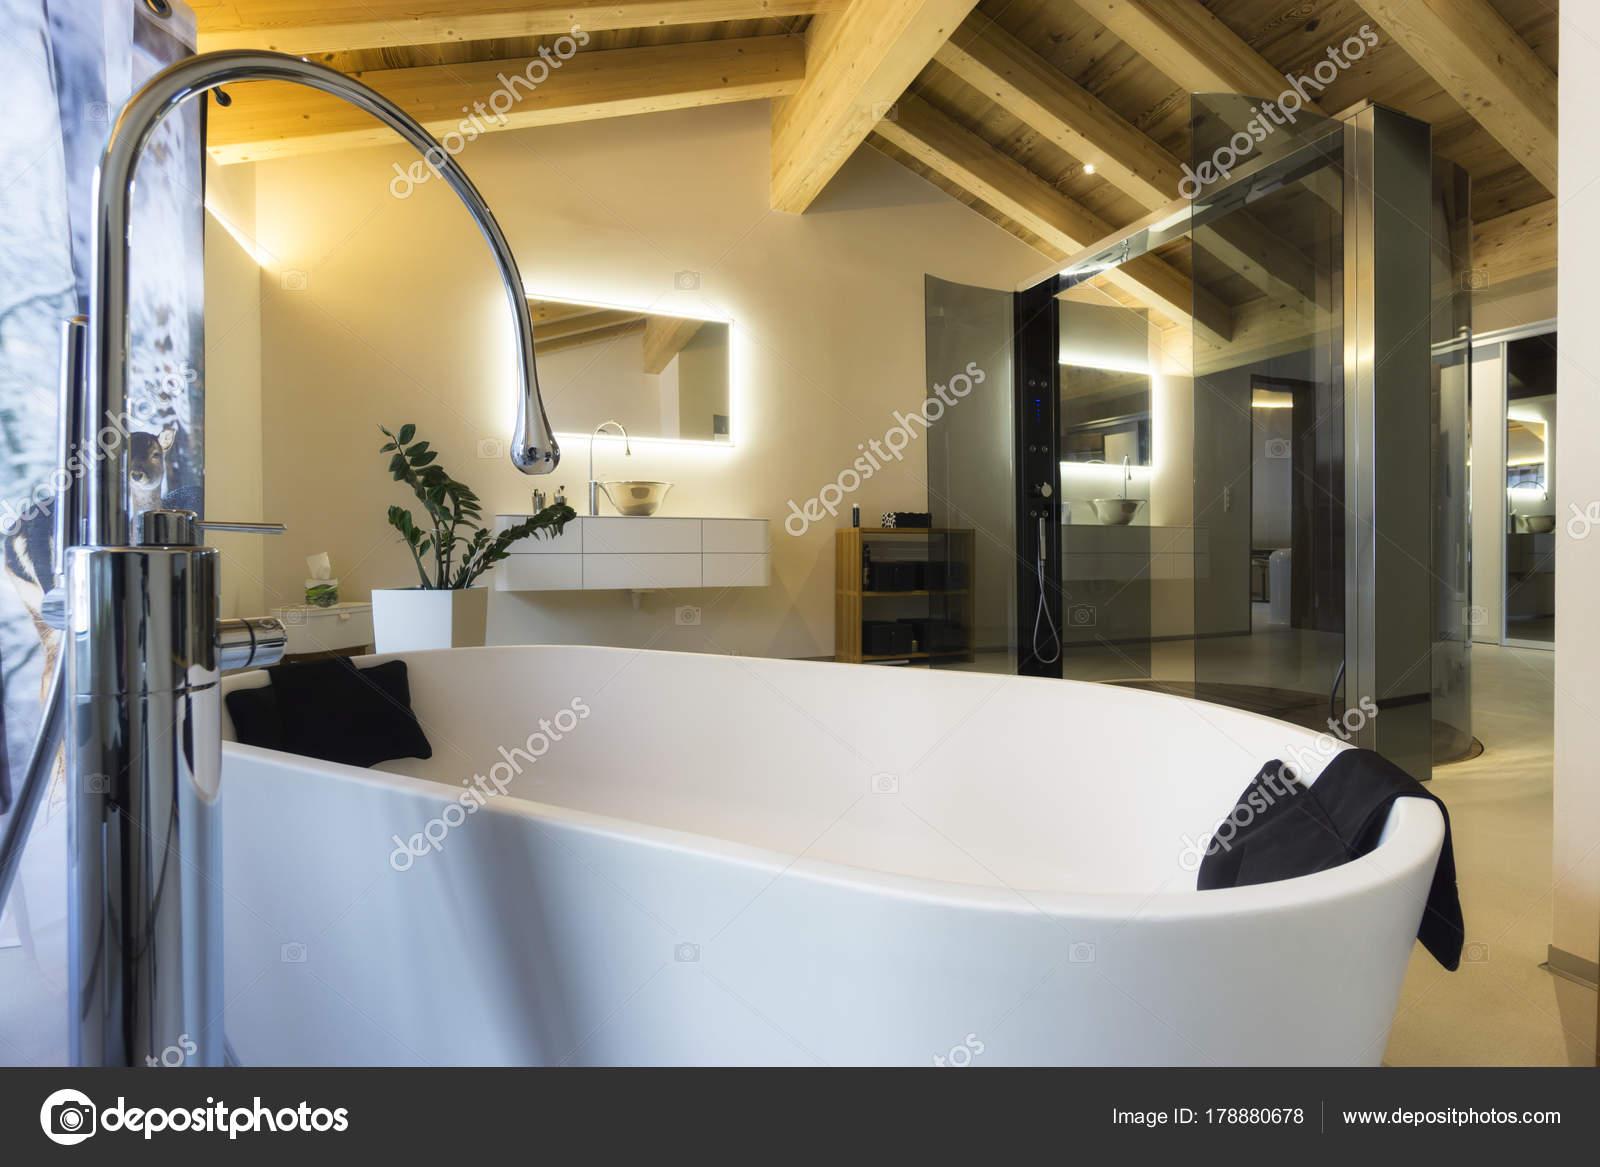 Bad Tafel Hout : Luxe badkamer met bad en houten plafond u stockfoto ilfede